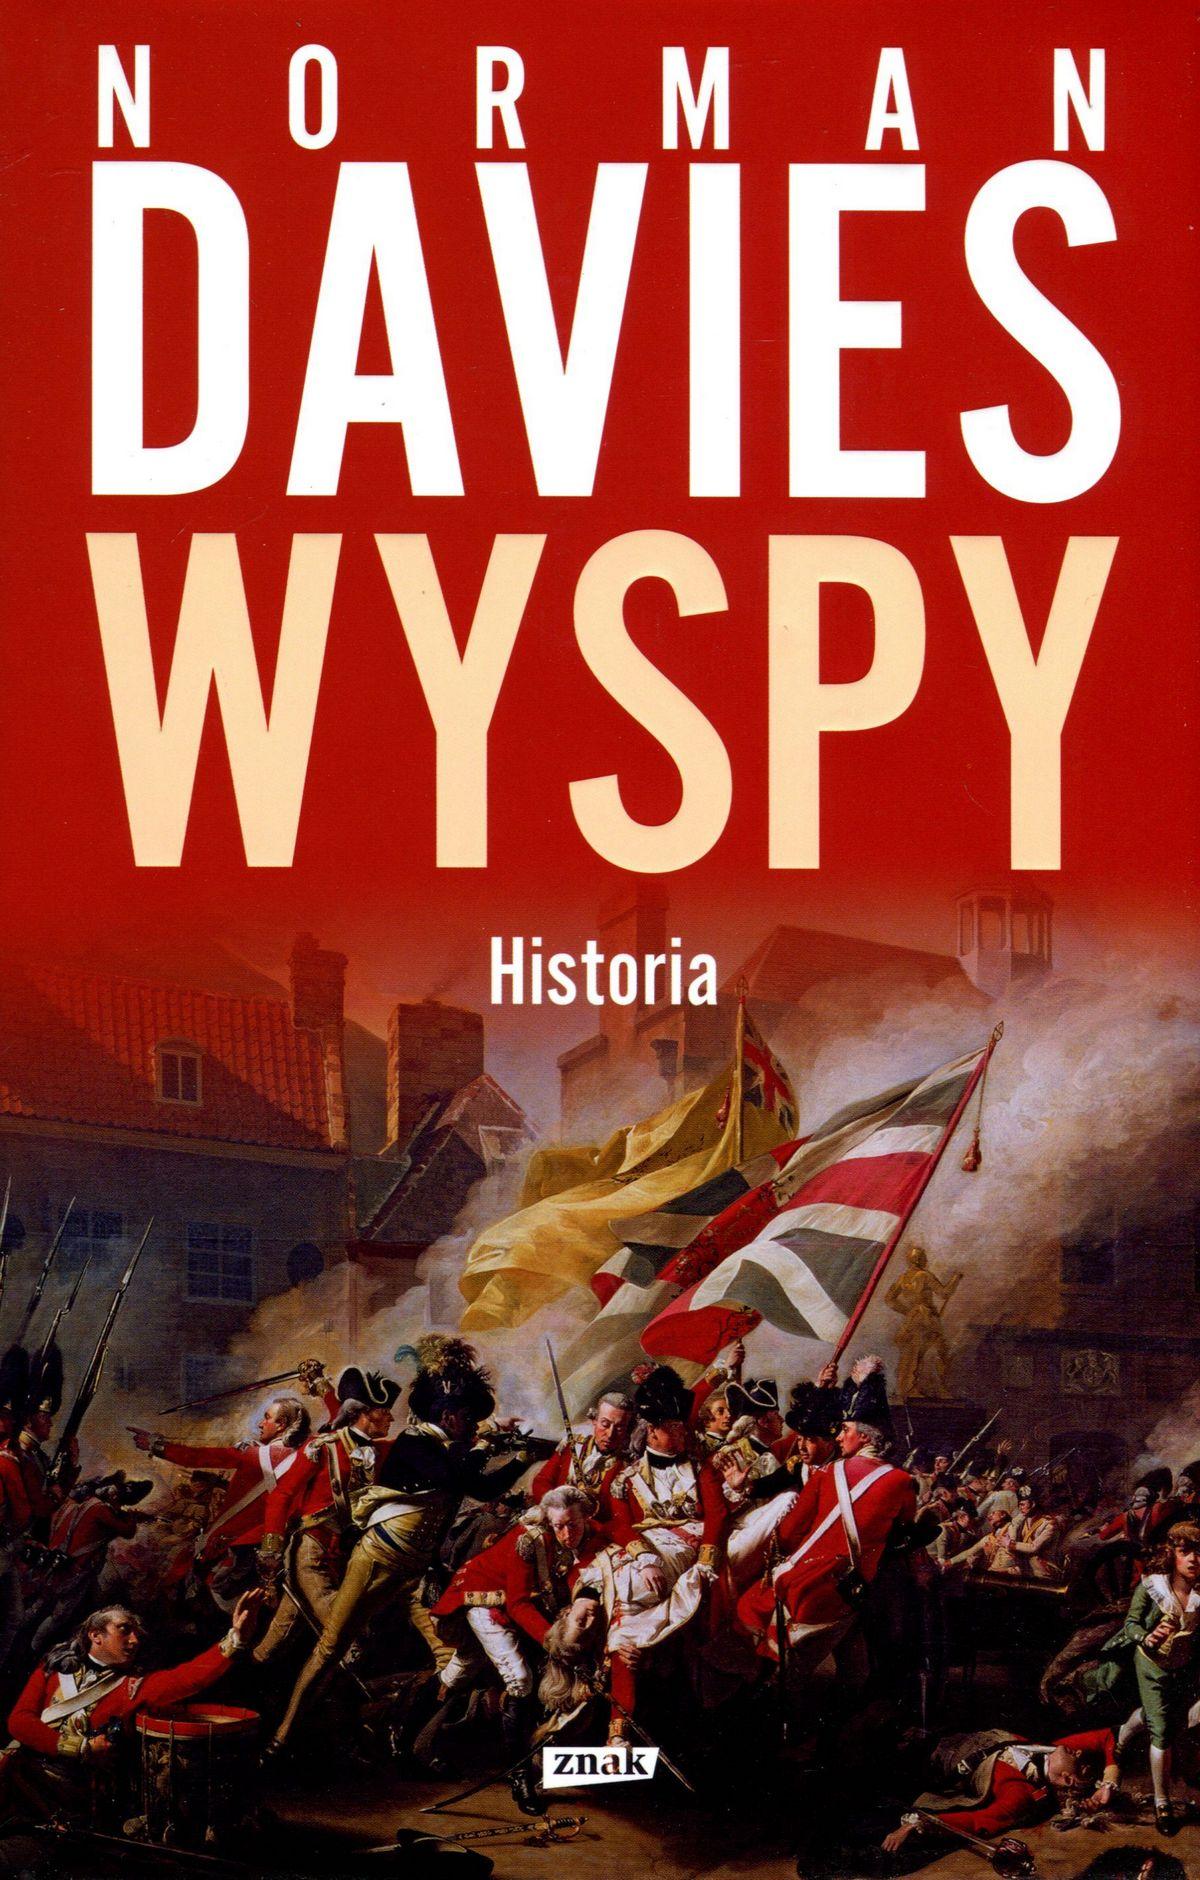 """Więcej o Tudora przeczytasz w książce Normana Daviesa pod tytułem """"Wyspy. Historia""""."""